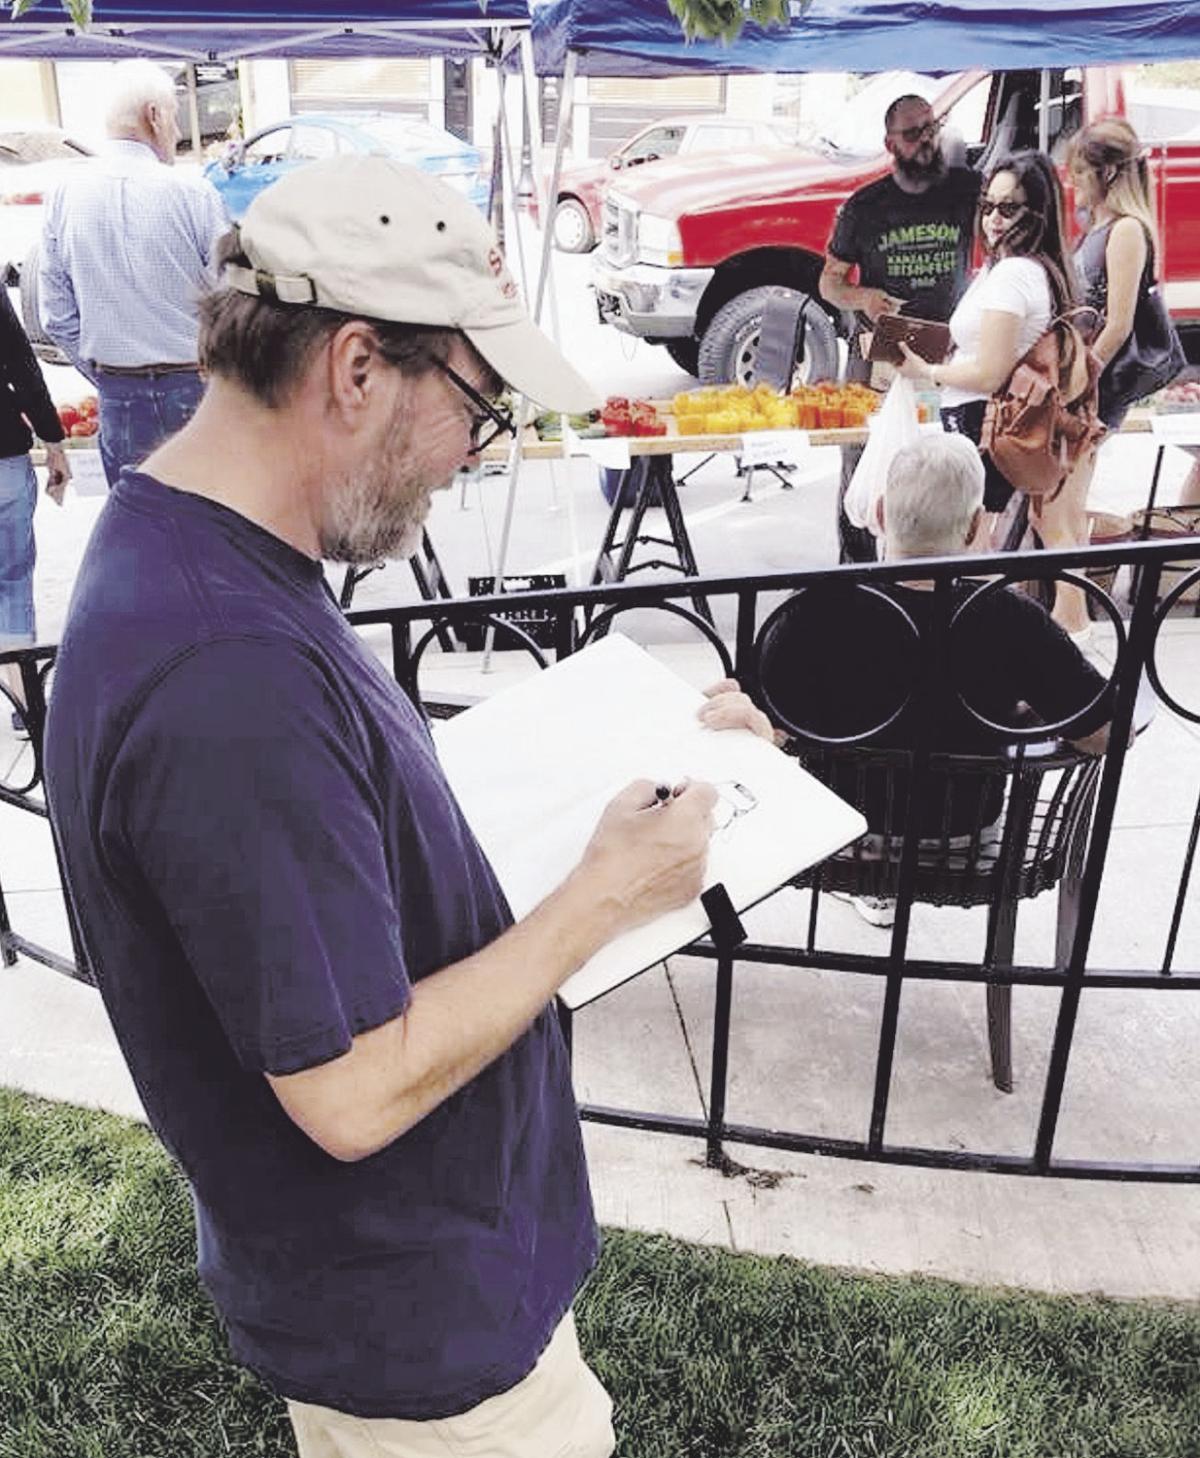 Antioch art teacher covers international event